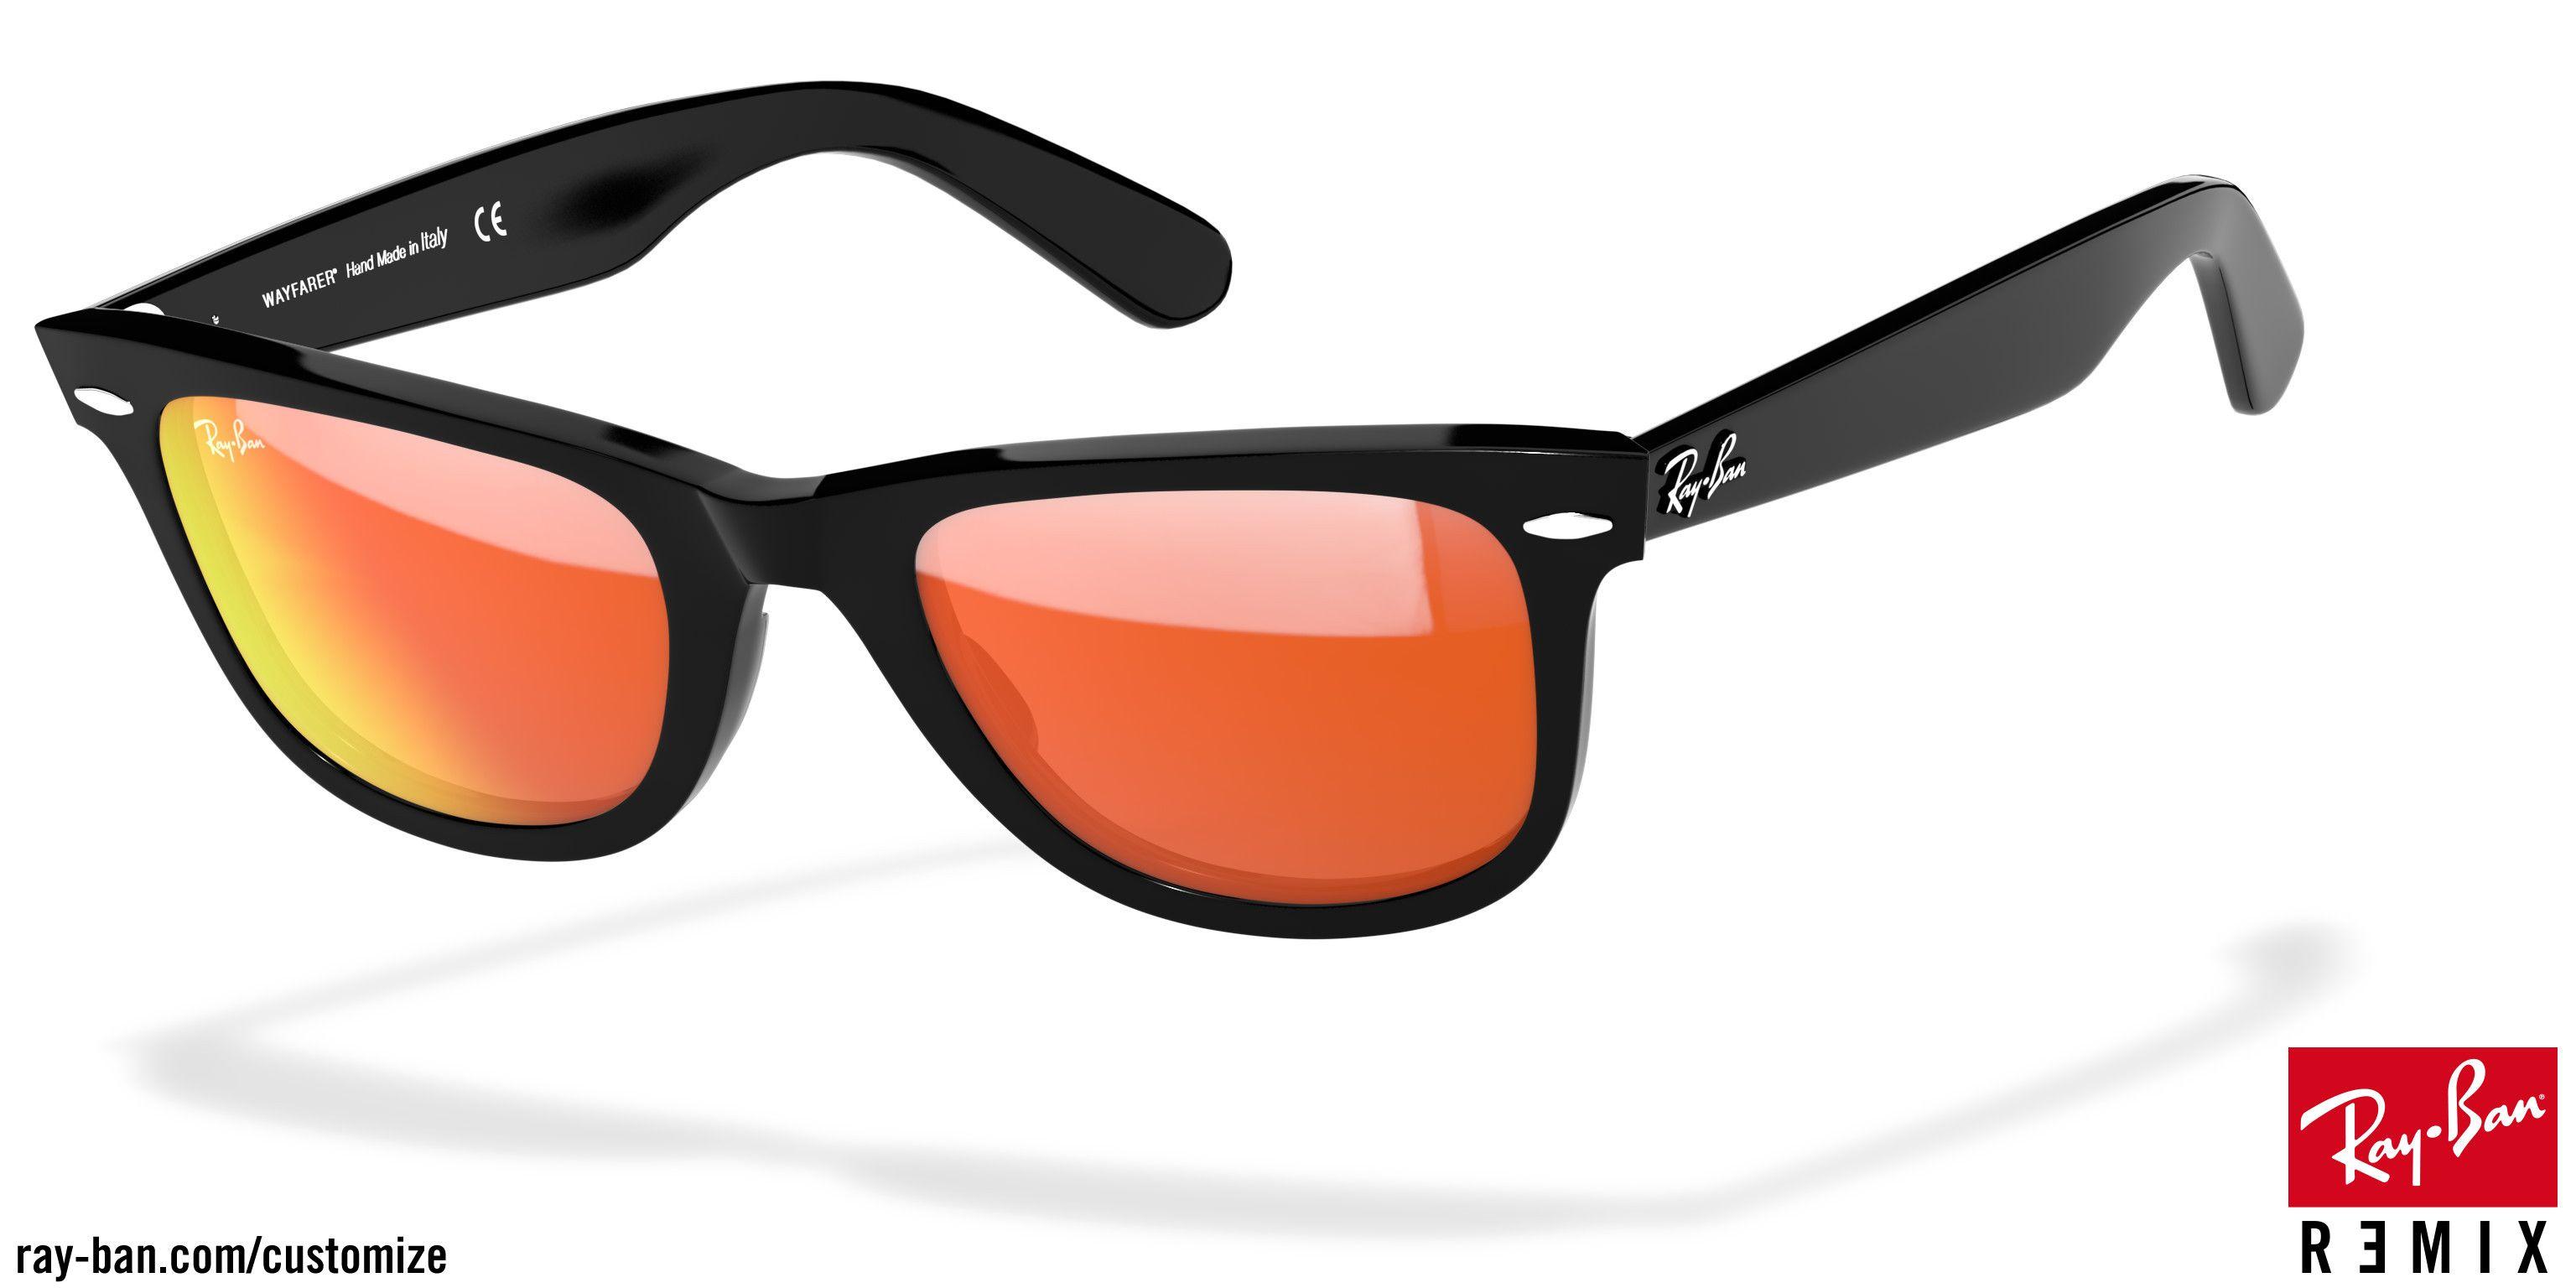 4feb1c6f02 Mira quién está viendo estas nuevas Ray-Ban original wayfarer gafas de sol